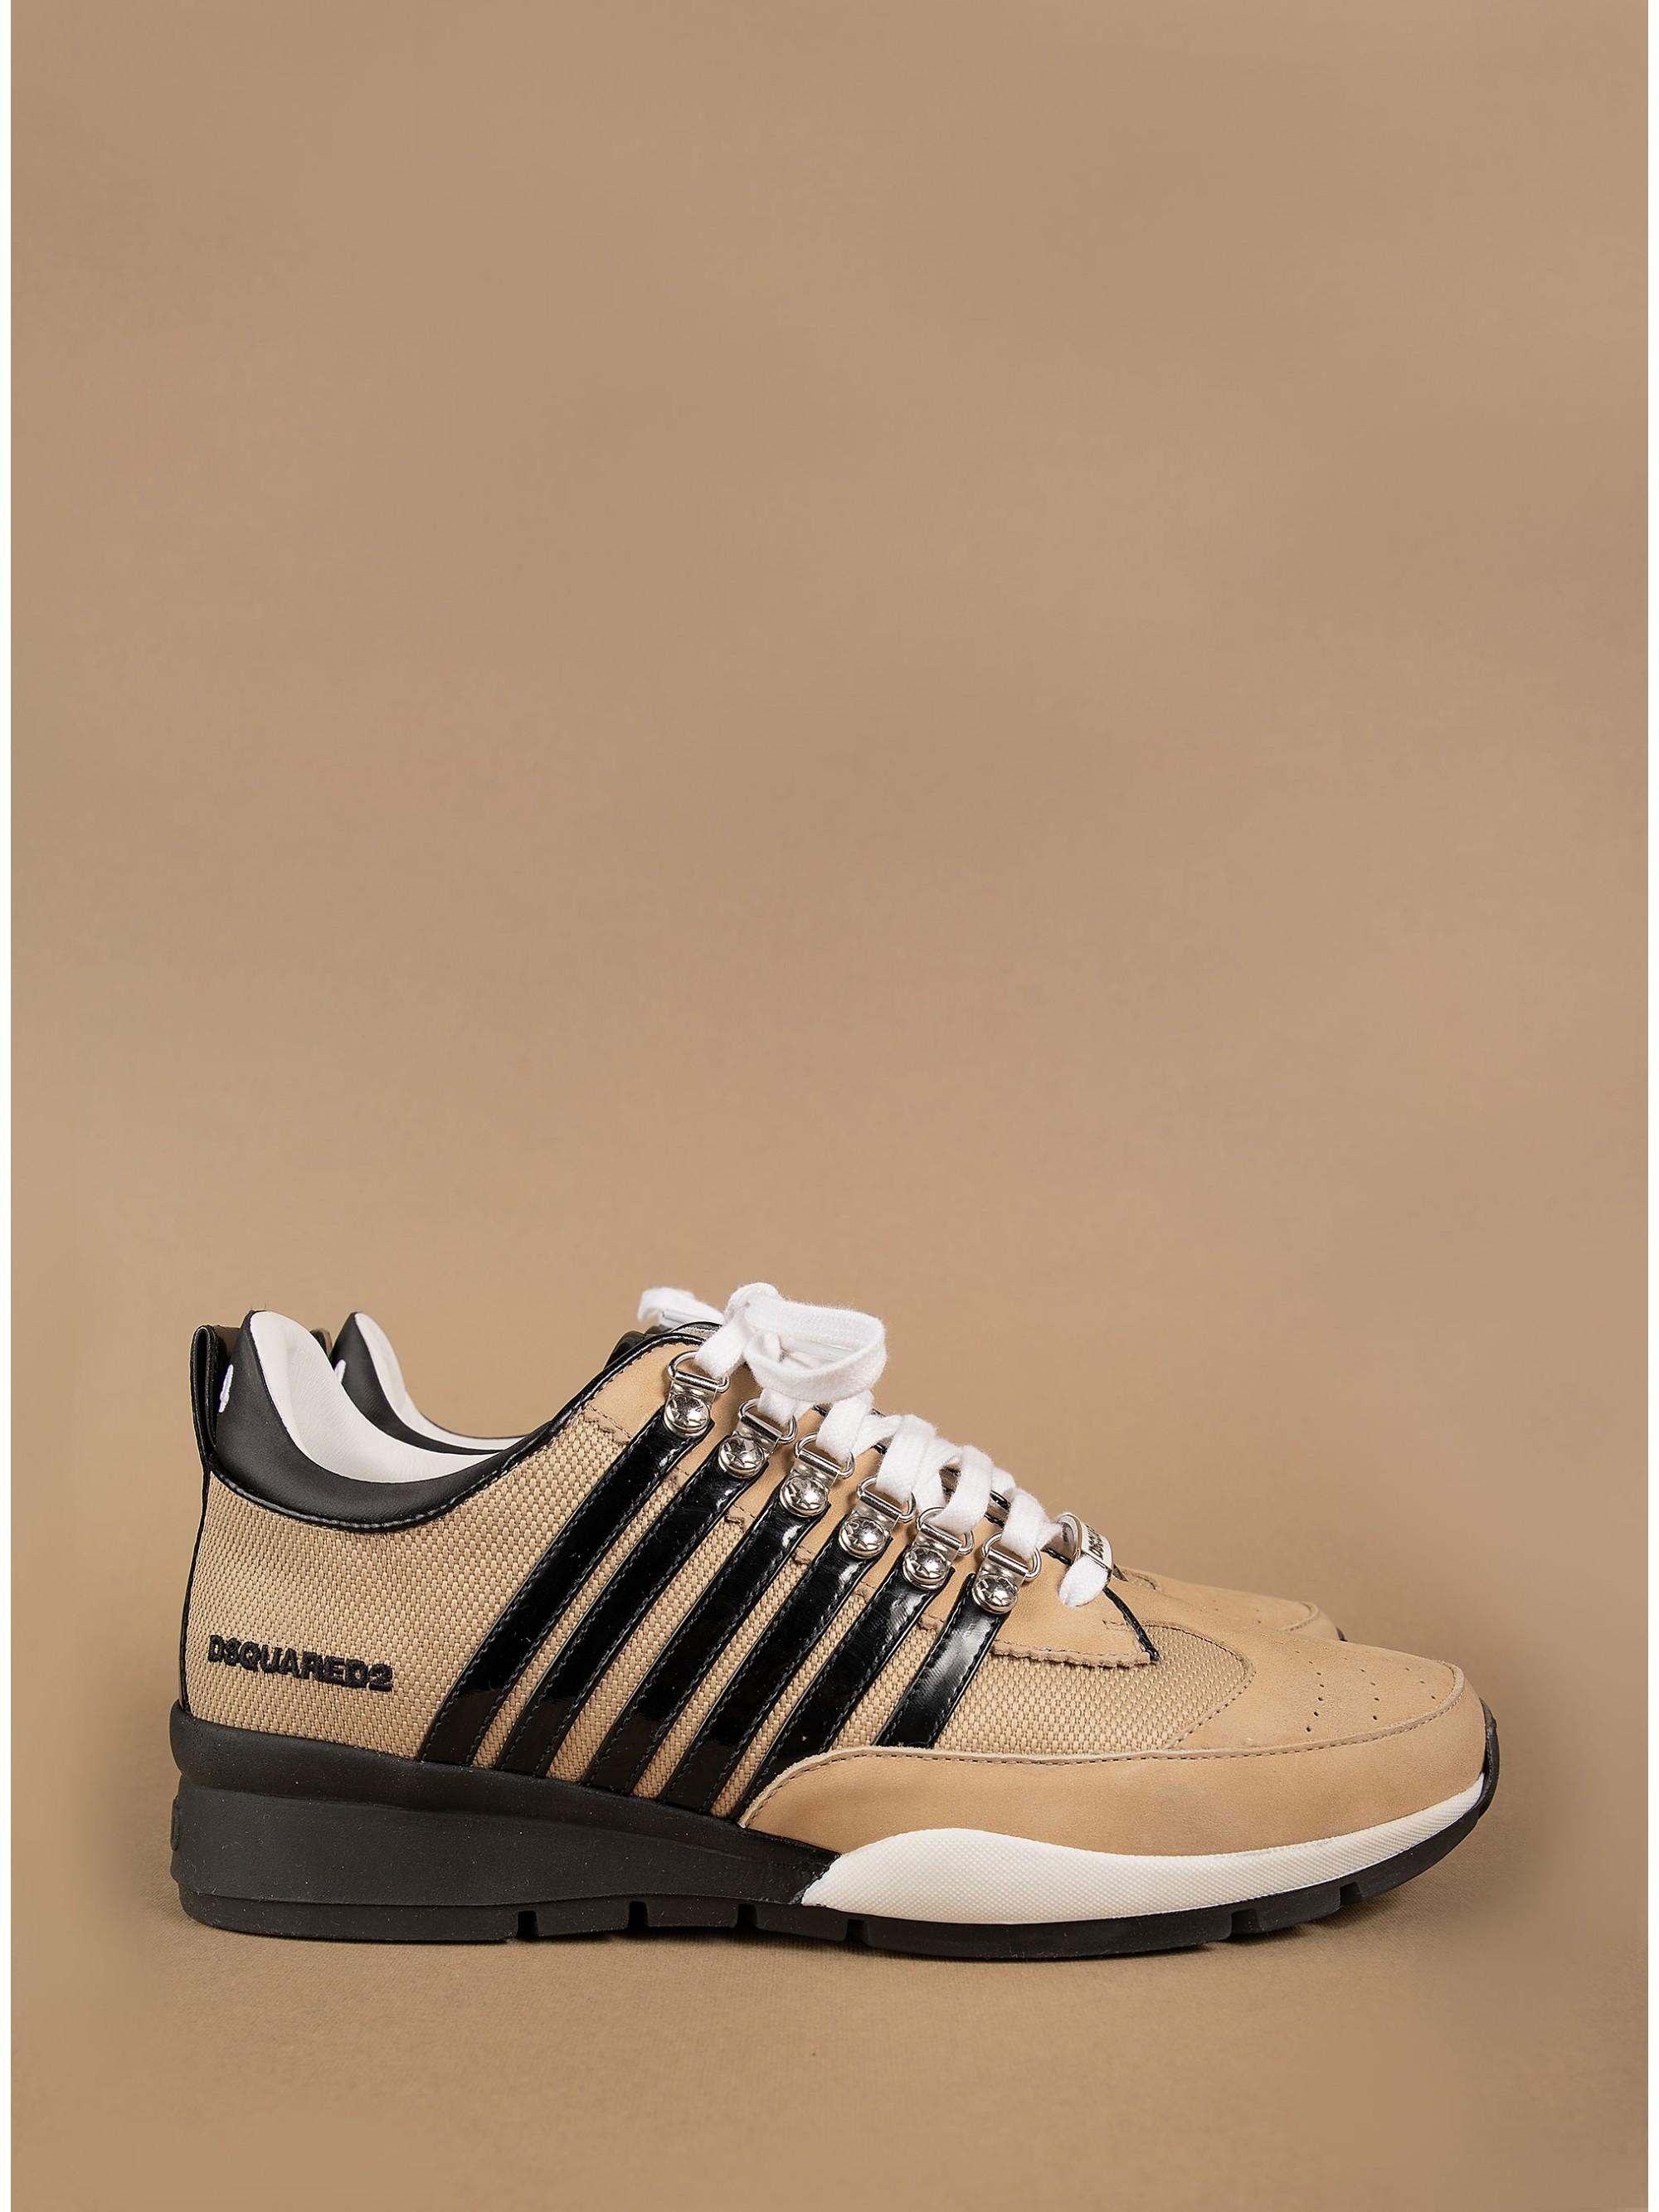 Dsquared 251 Sneakers-Beige - Footwear